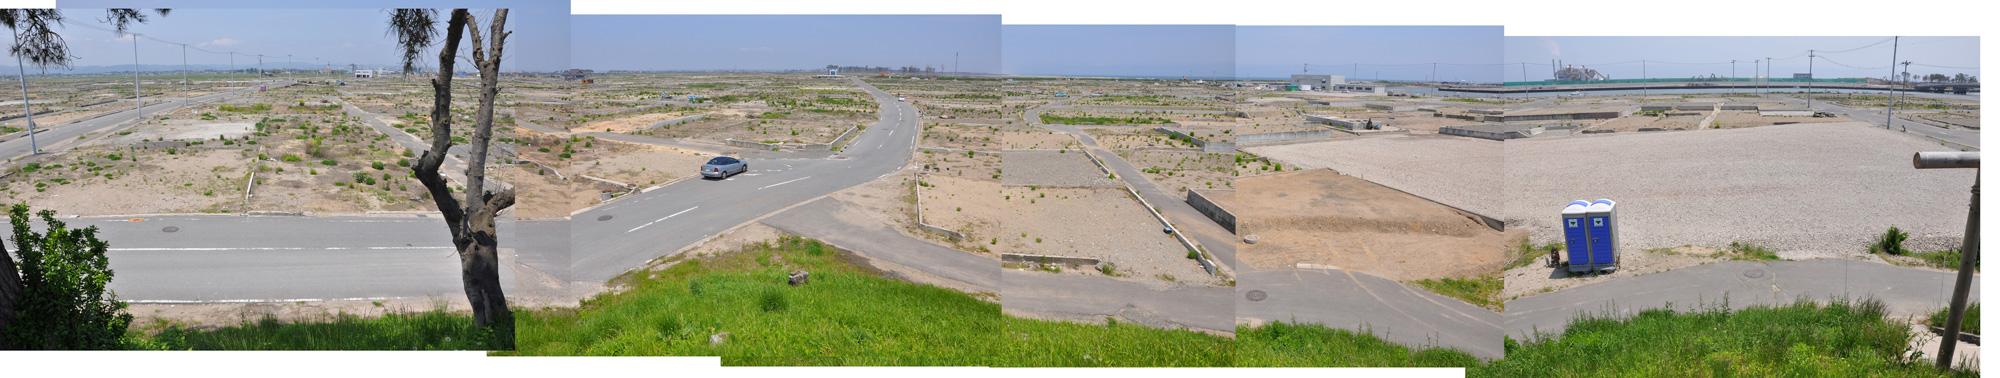 閖上日和山定点観測(西北西-東南東)2012年5月